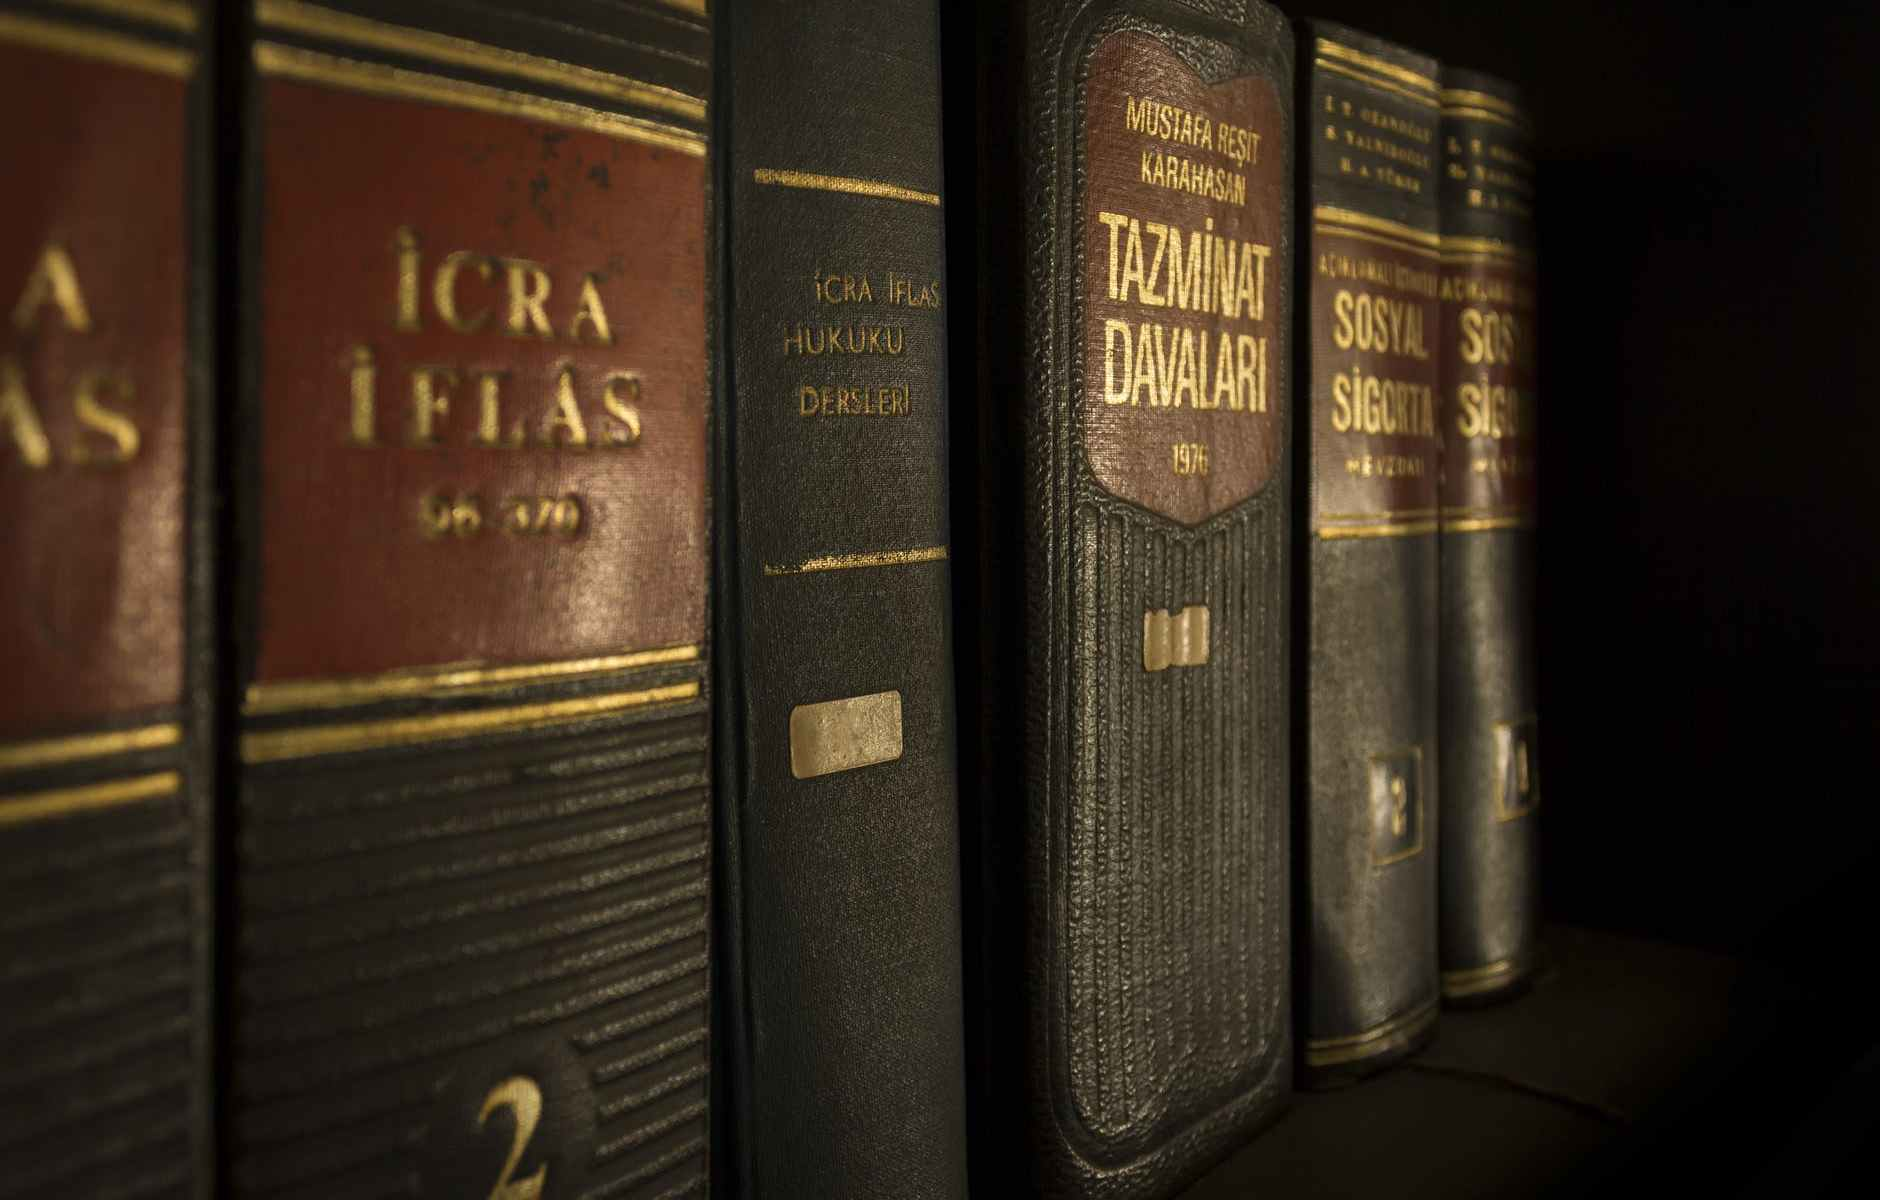 Board Certified Intellectual Property Lawyer